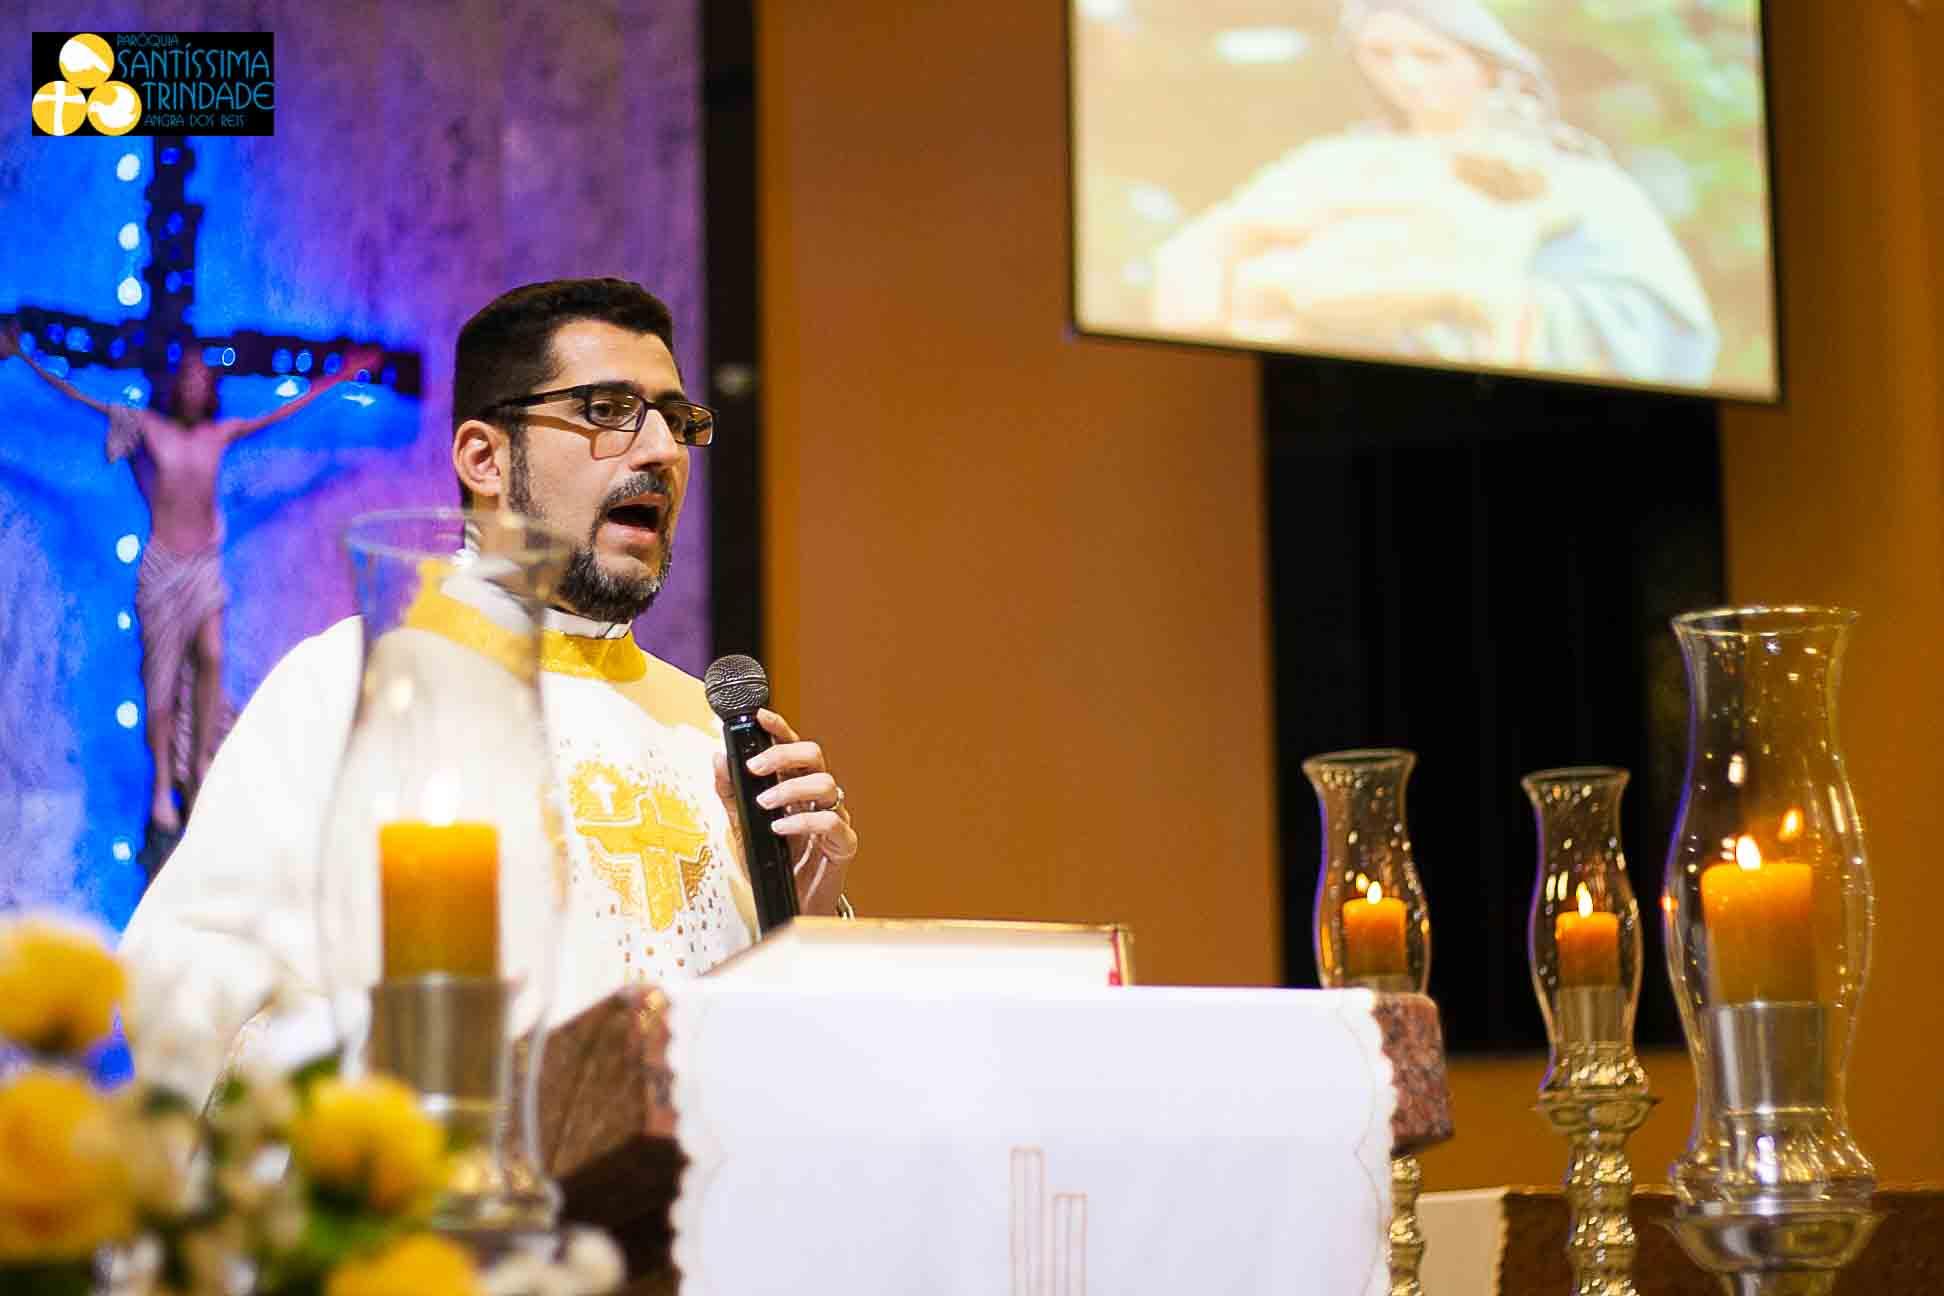 Natividade de Nossa Senhora e 14 anos de ordenação Pe Gilberto 07Set2018 – Village